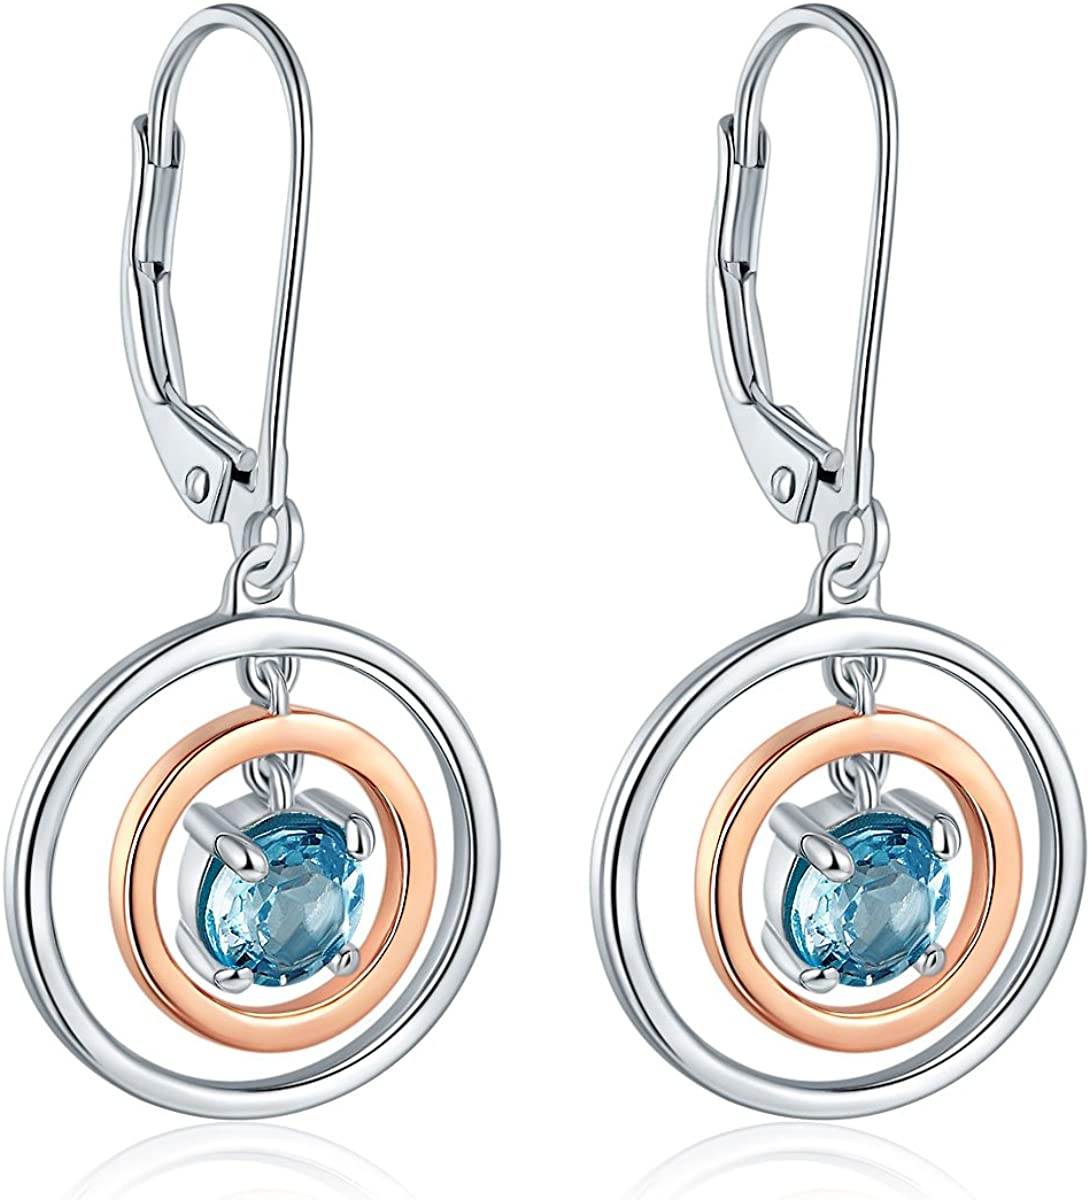 Hutang - Pendientes de plata de ley 925 con topacio azul cielo natural, pendientes de oro rosa, joyería de piedras preciosas para regalo